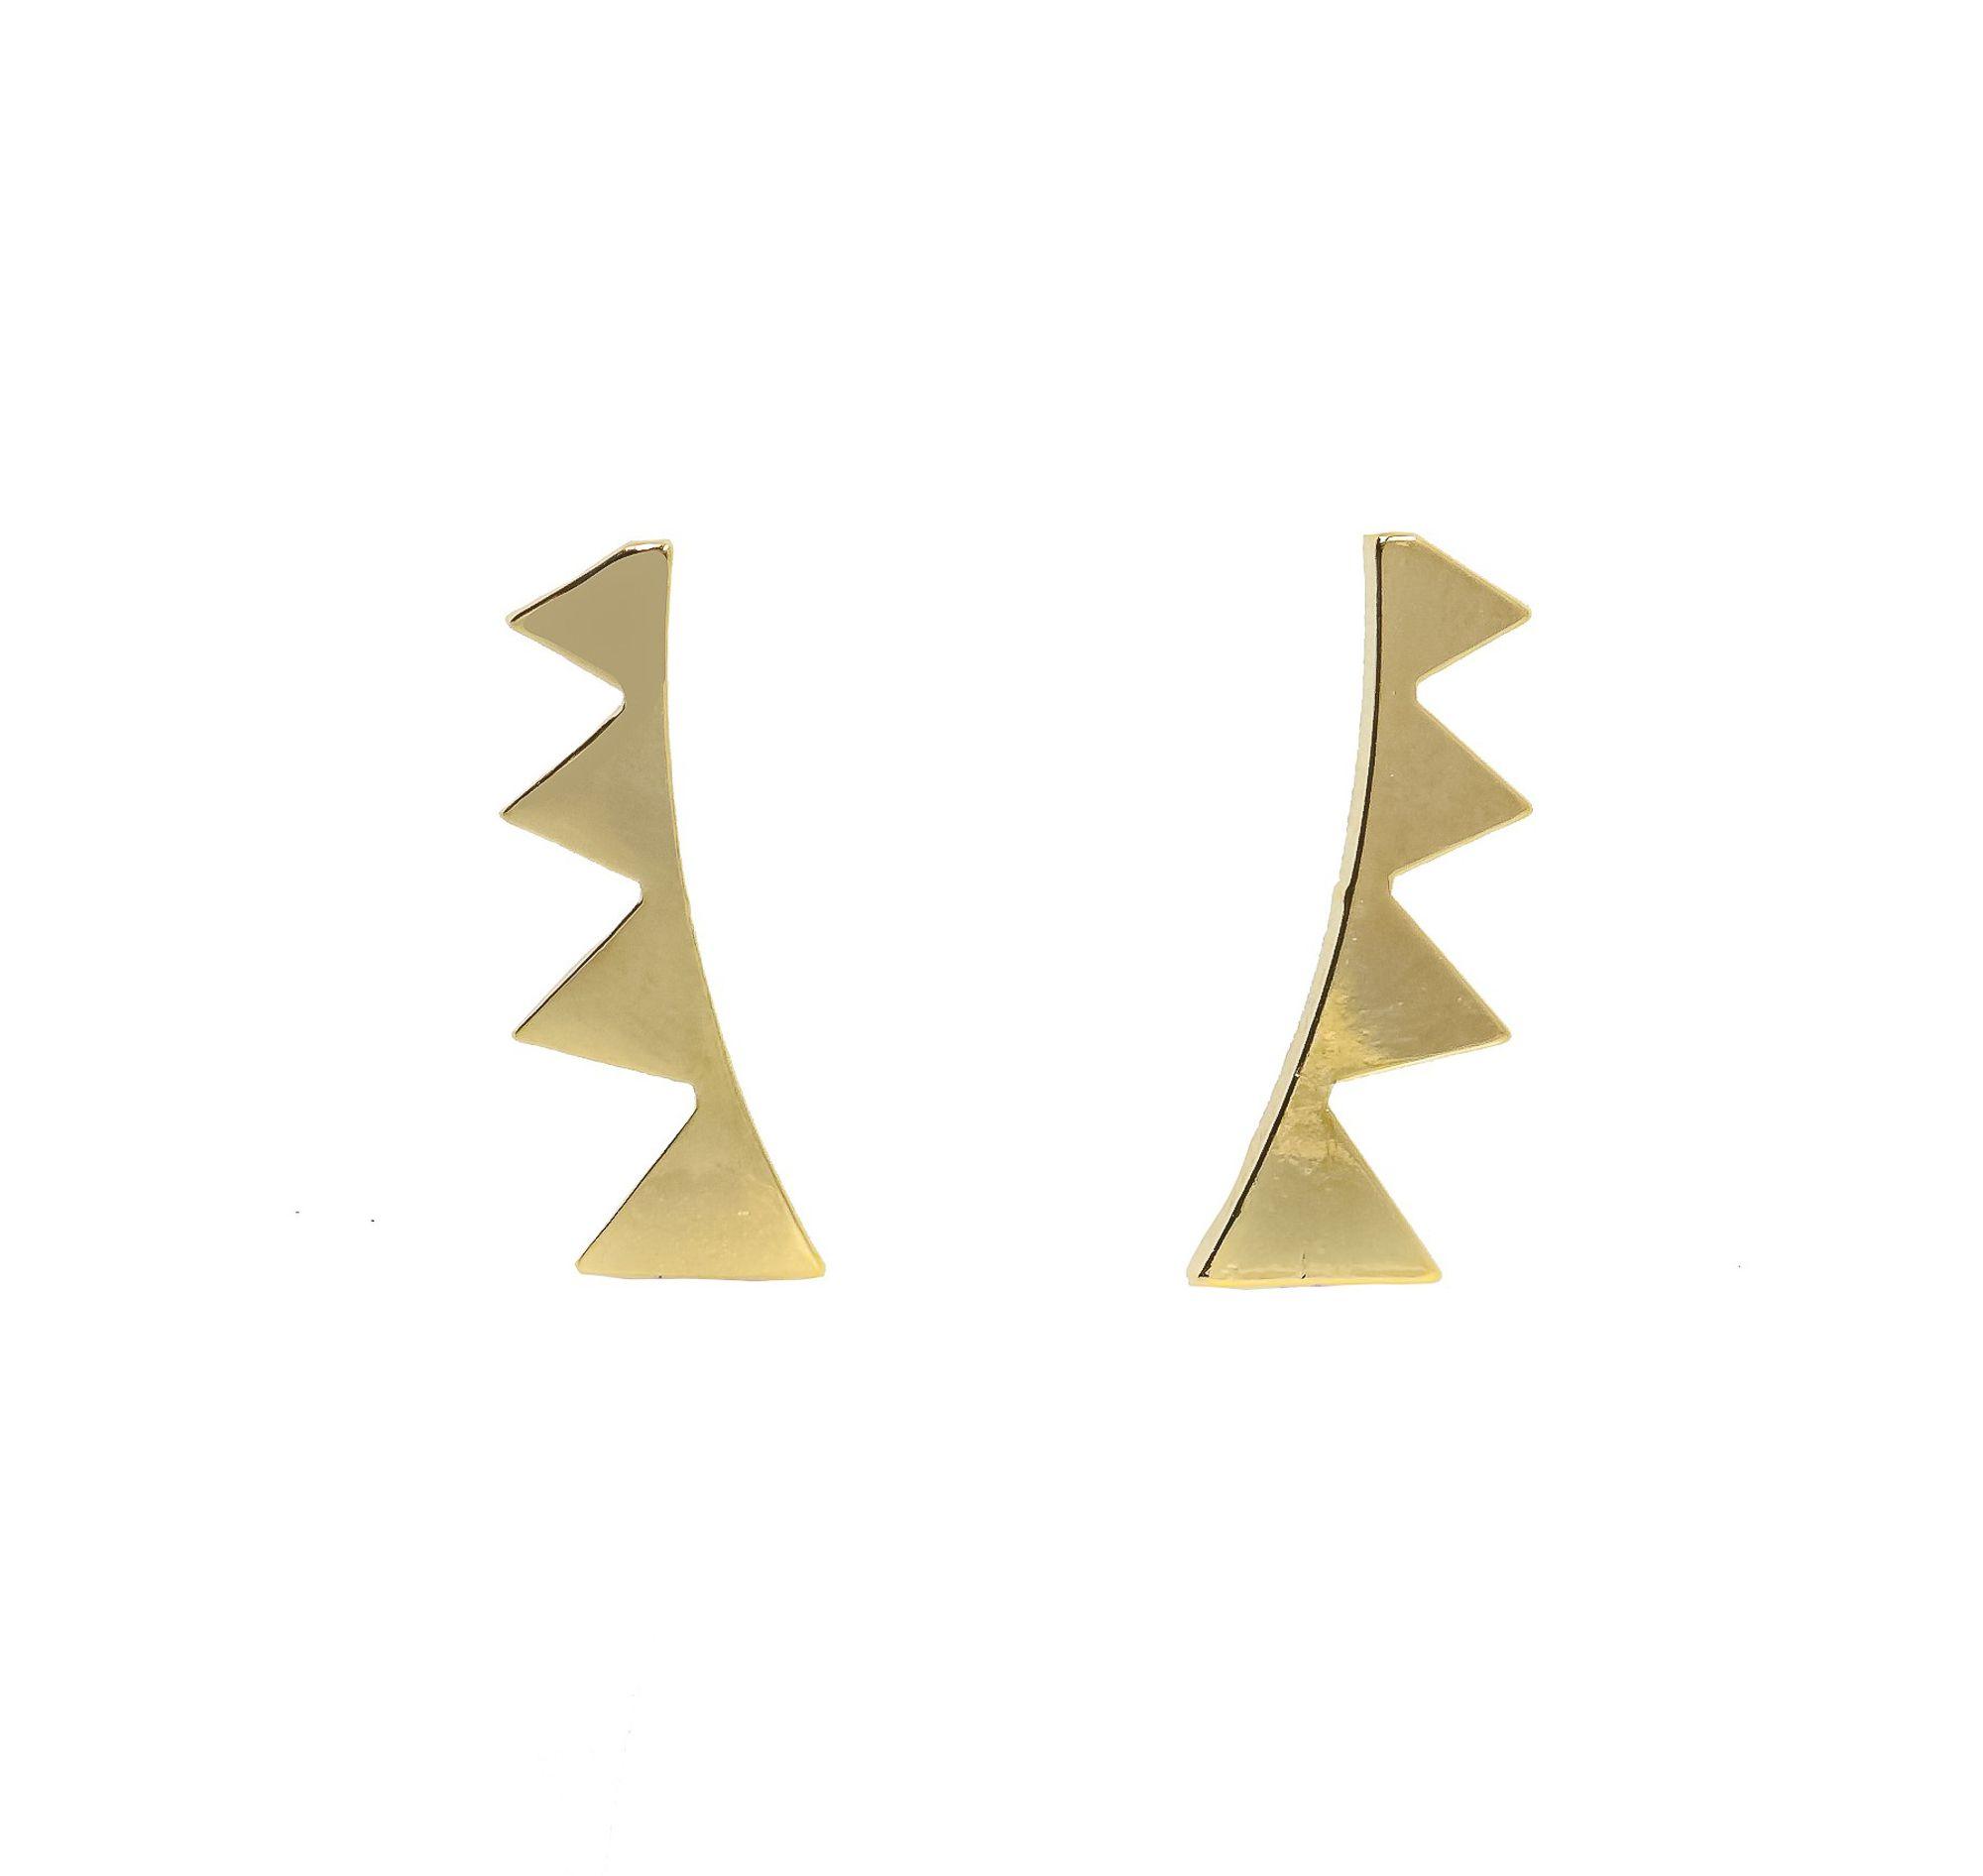 Brinco Semi joia Ear cuff Pontas banhado a ouro 18k ou rhodium